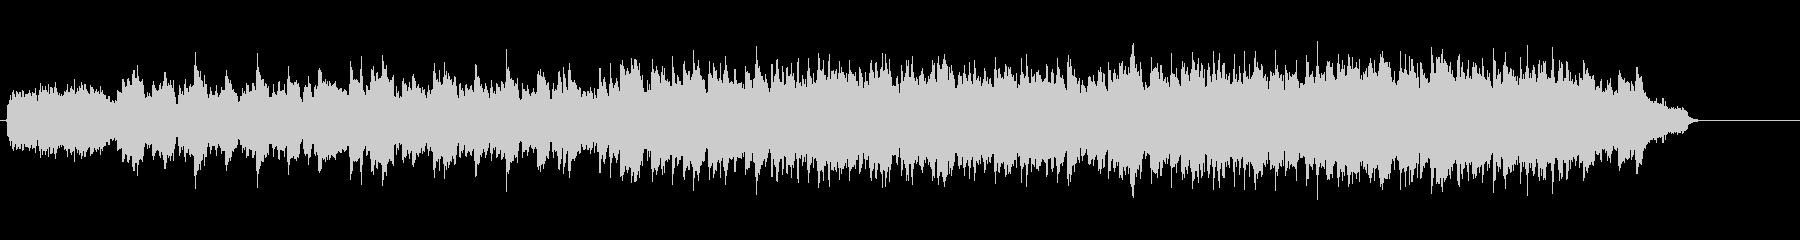 ヨーロピアンテイストの叙情的バラードの未再生の波形